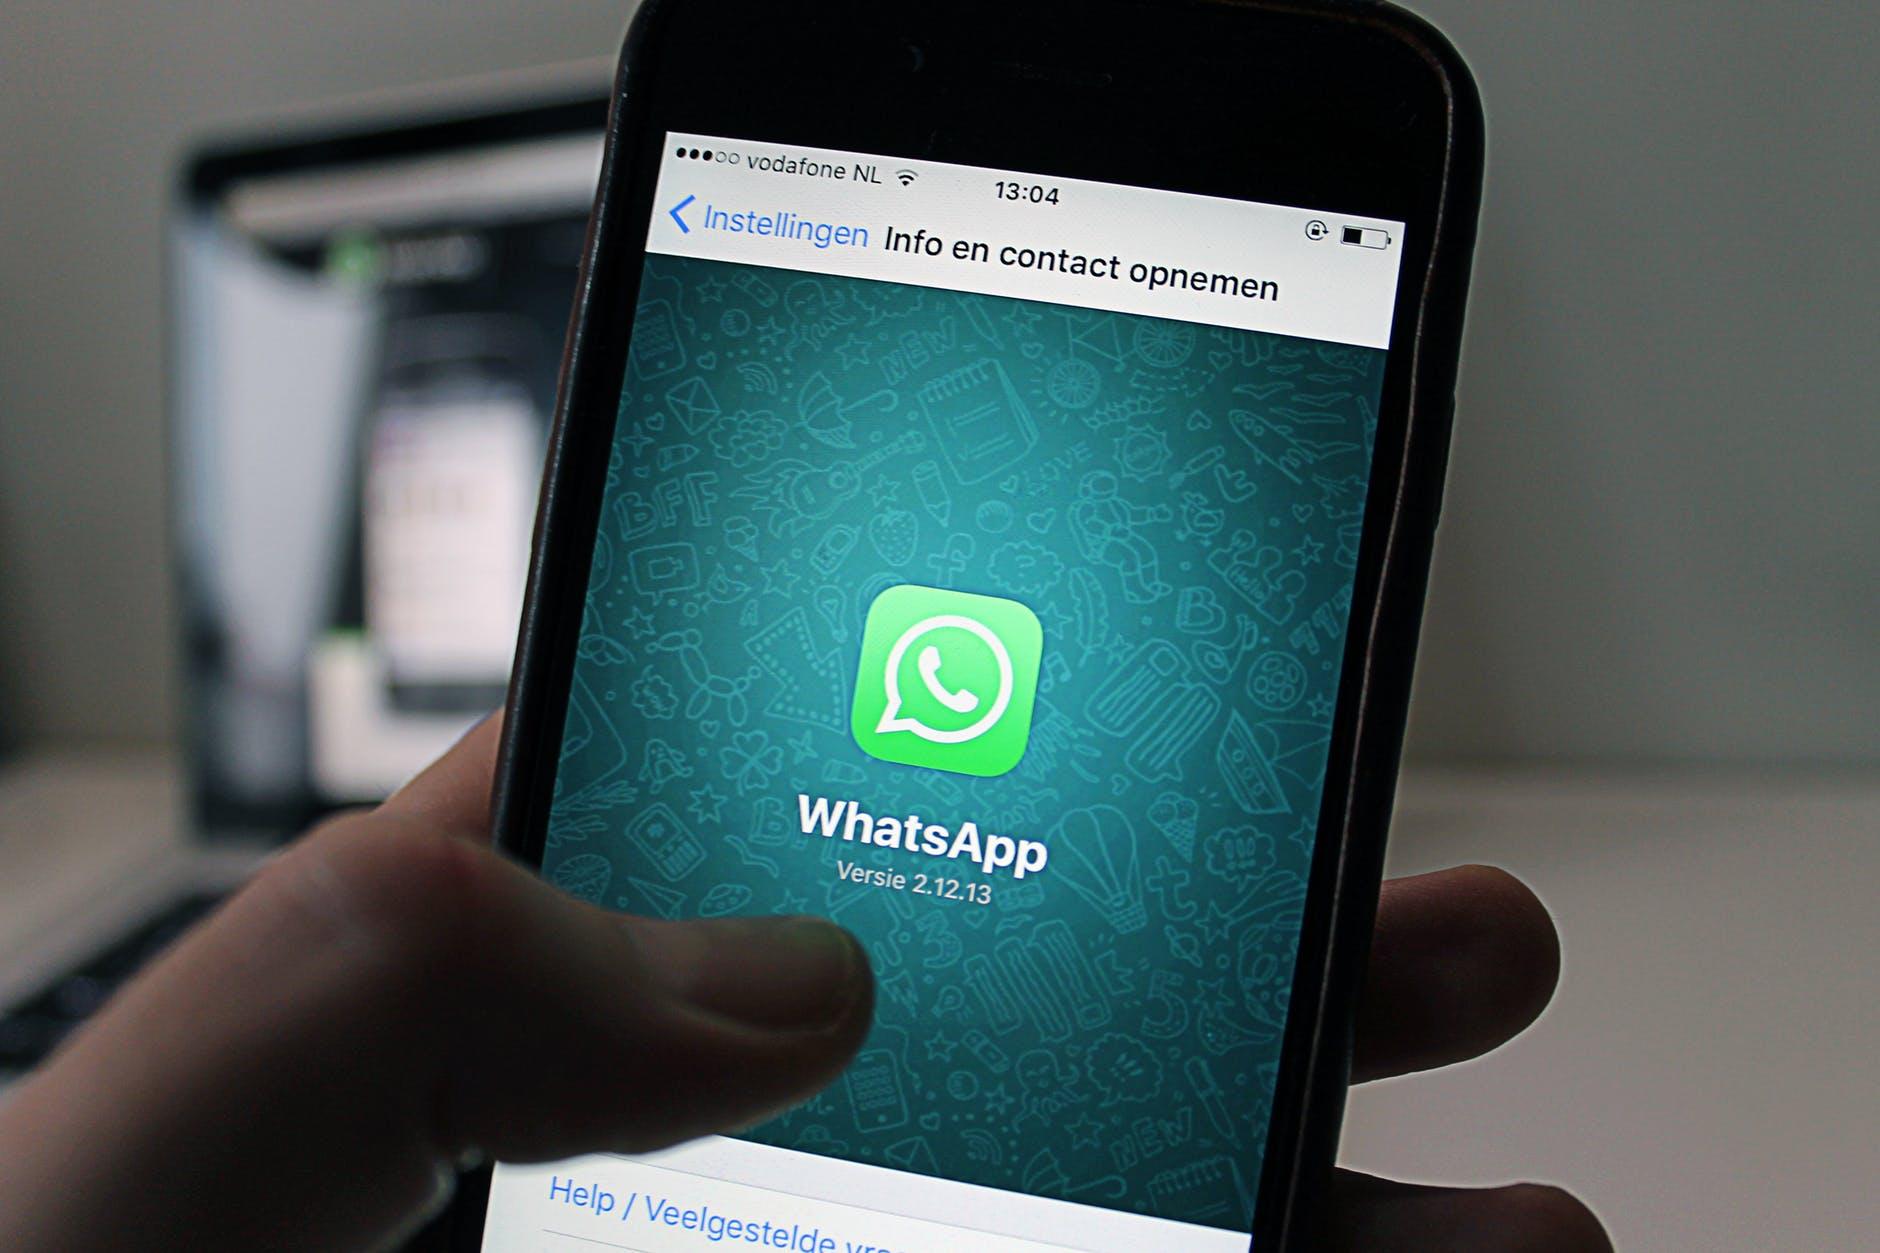 tipos-de-redes-sociais-whatsapp